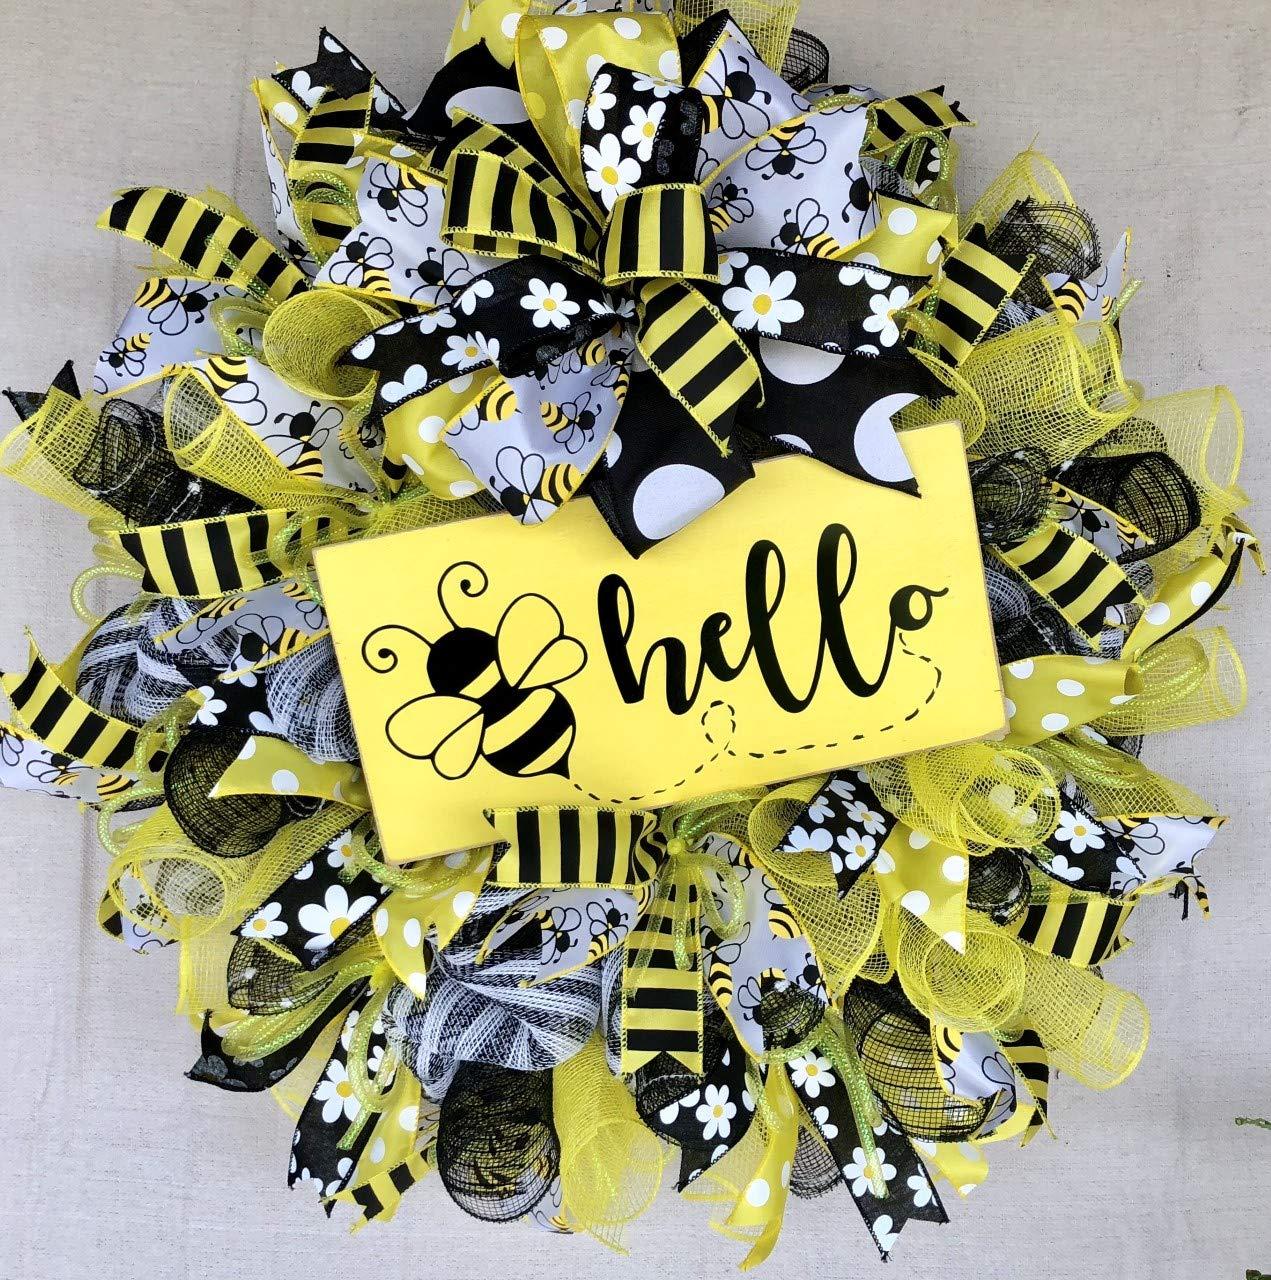 Bumble Bee Wreath | Everyday Wreath Decor | Welcome Door Hanger | Farmhouse  Decor | FREE Shipping | Burlap Bowtique